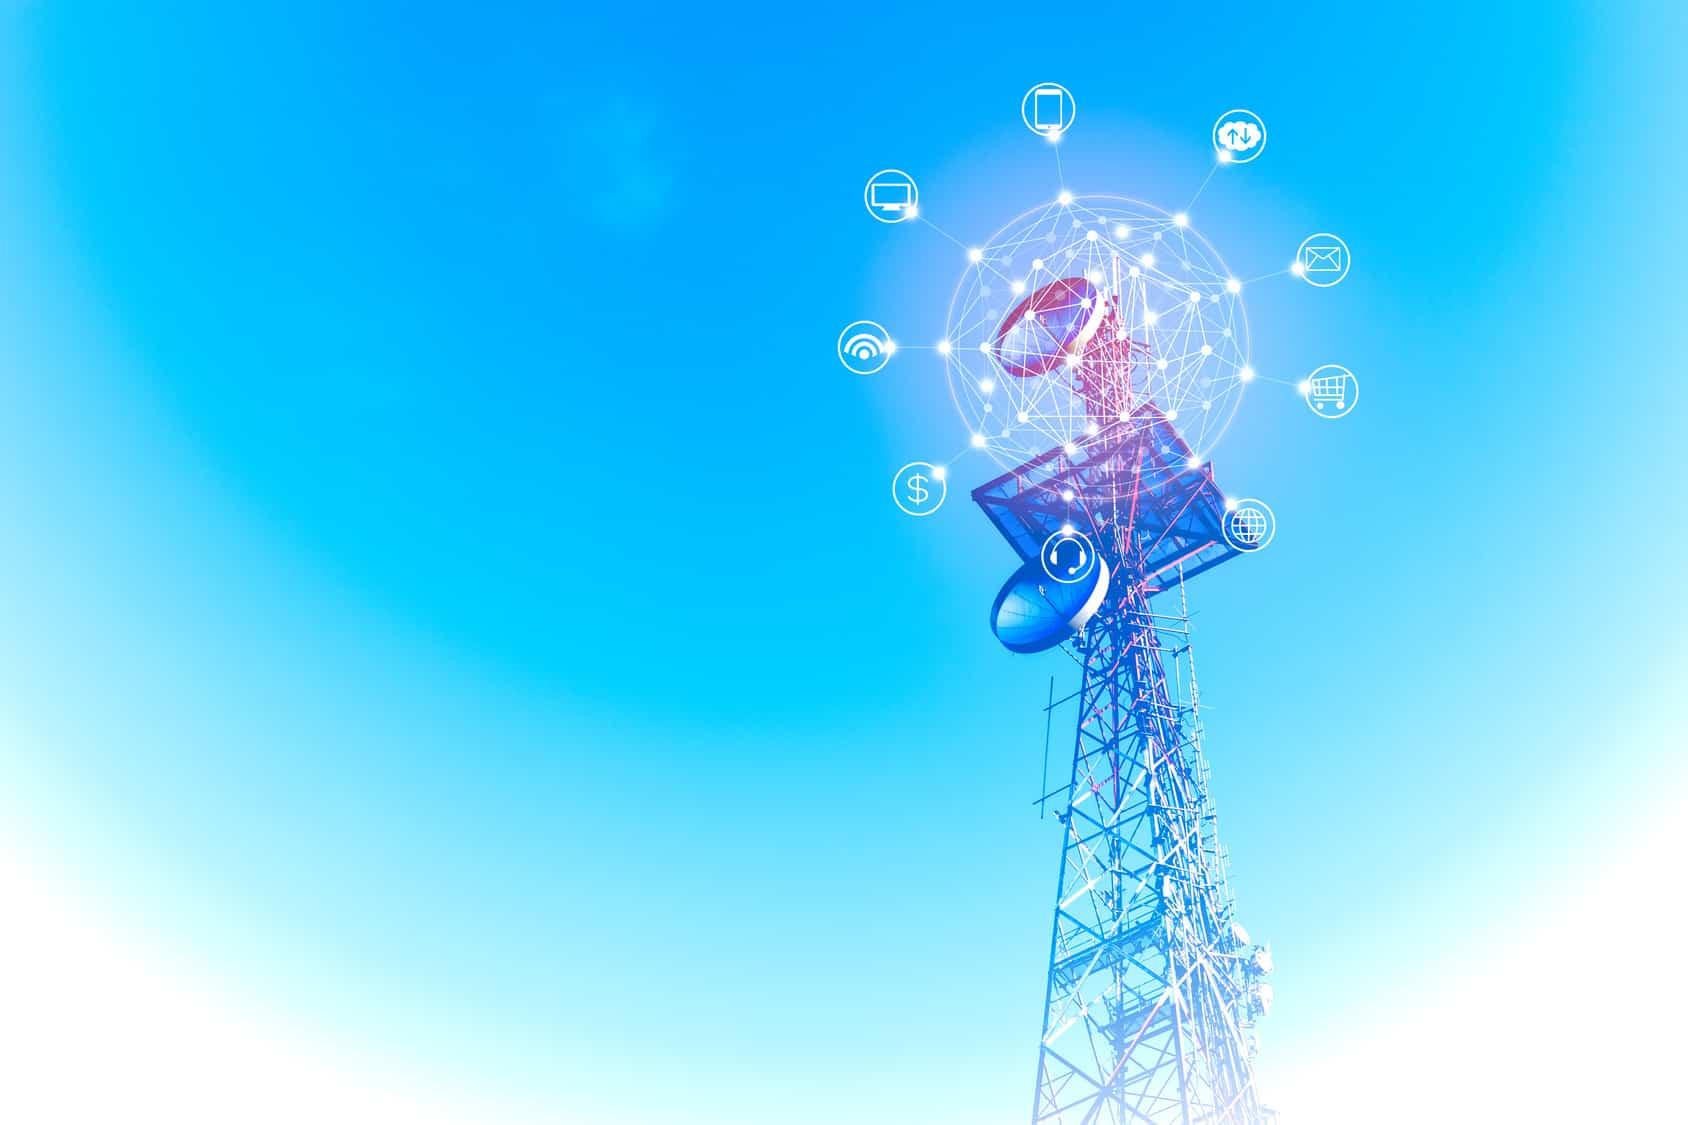 Altán Redes, el consorcio encargado de desplegar la red compartida, el proyecto más importante de telecomunicaciones del sexenio, asegura que antes del 31 de marzo –que es la fecha límite que le estableció la SCT